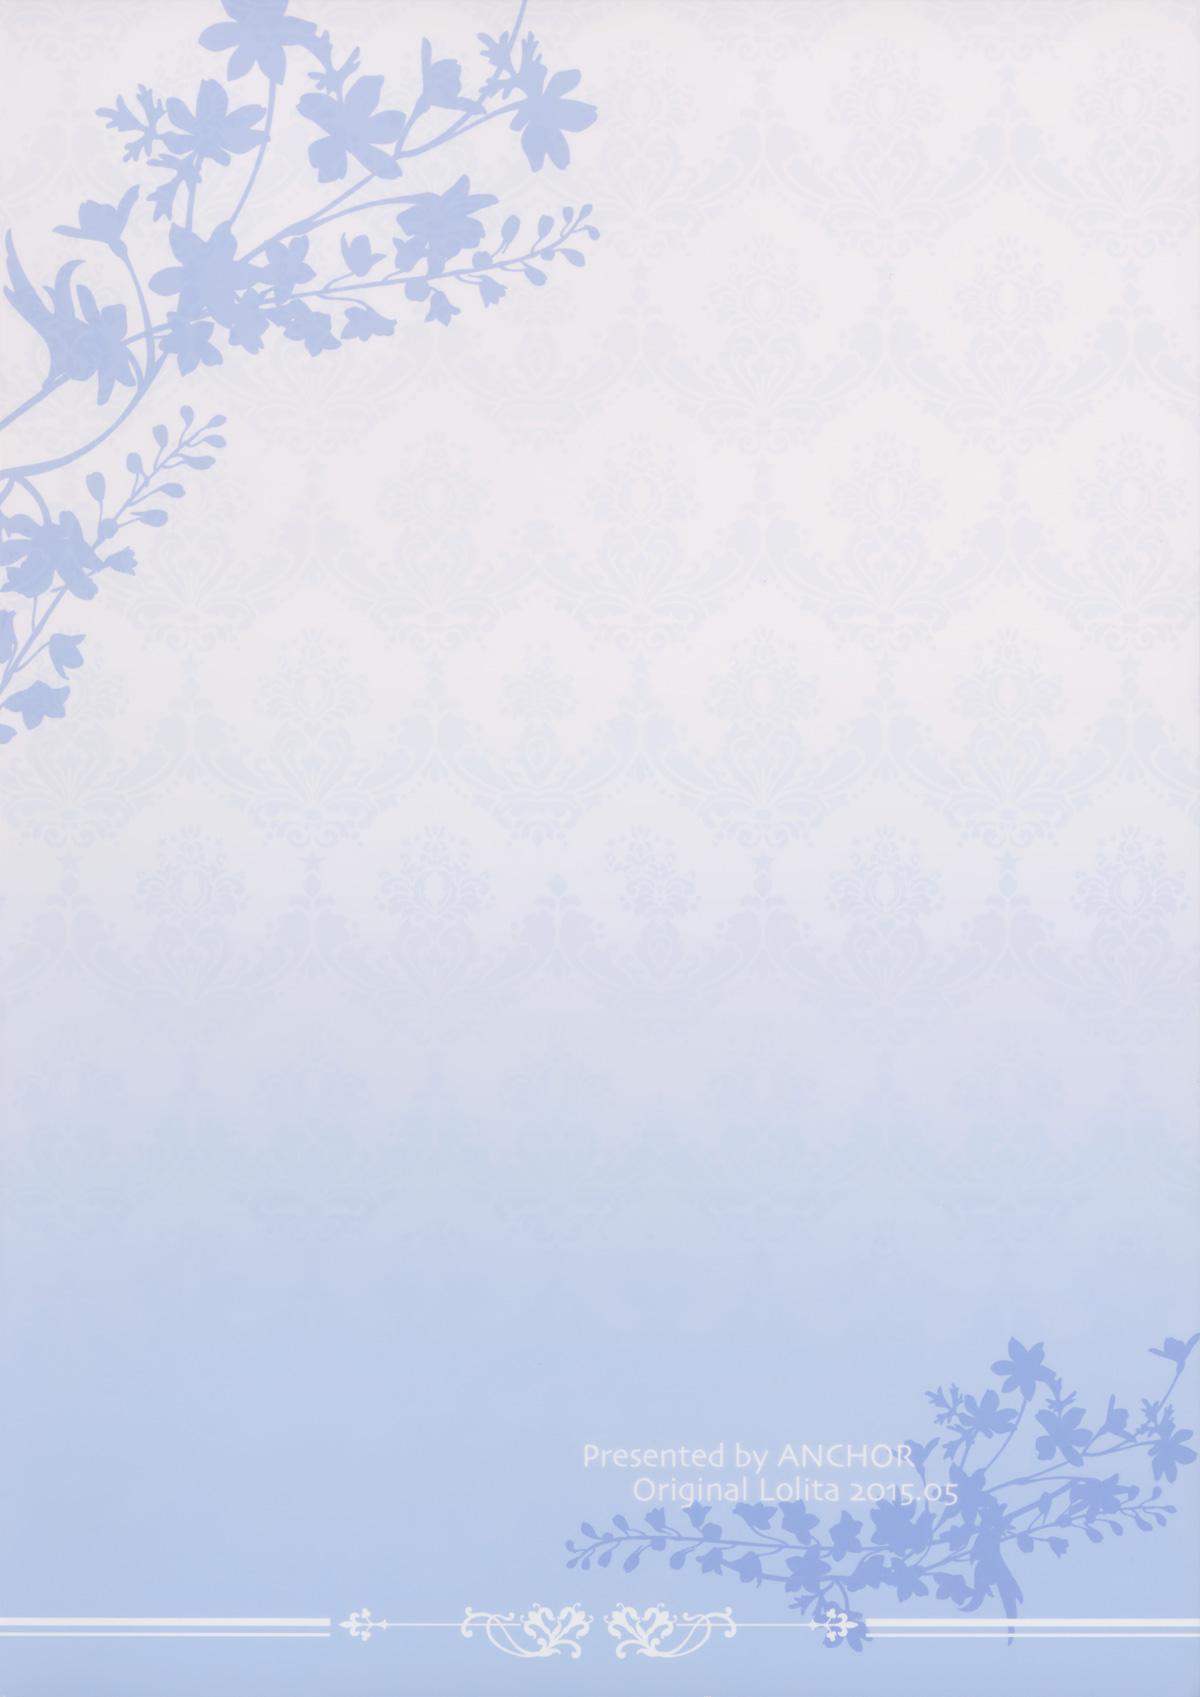 【エロ漫画・エロ同人】ずっと好きだったロリ幼女な生徒と付き合う事になってエッチし放題でサイコーw中出しが好きって言うからガッツリ中出ししたったwww 素直にさせないで! (22)